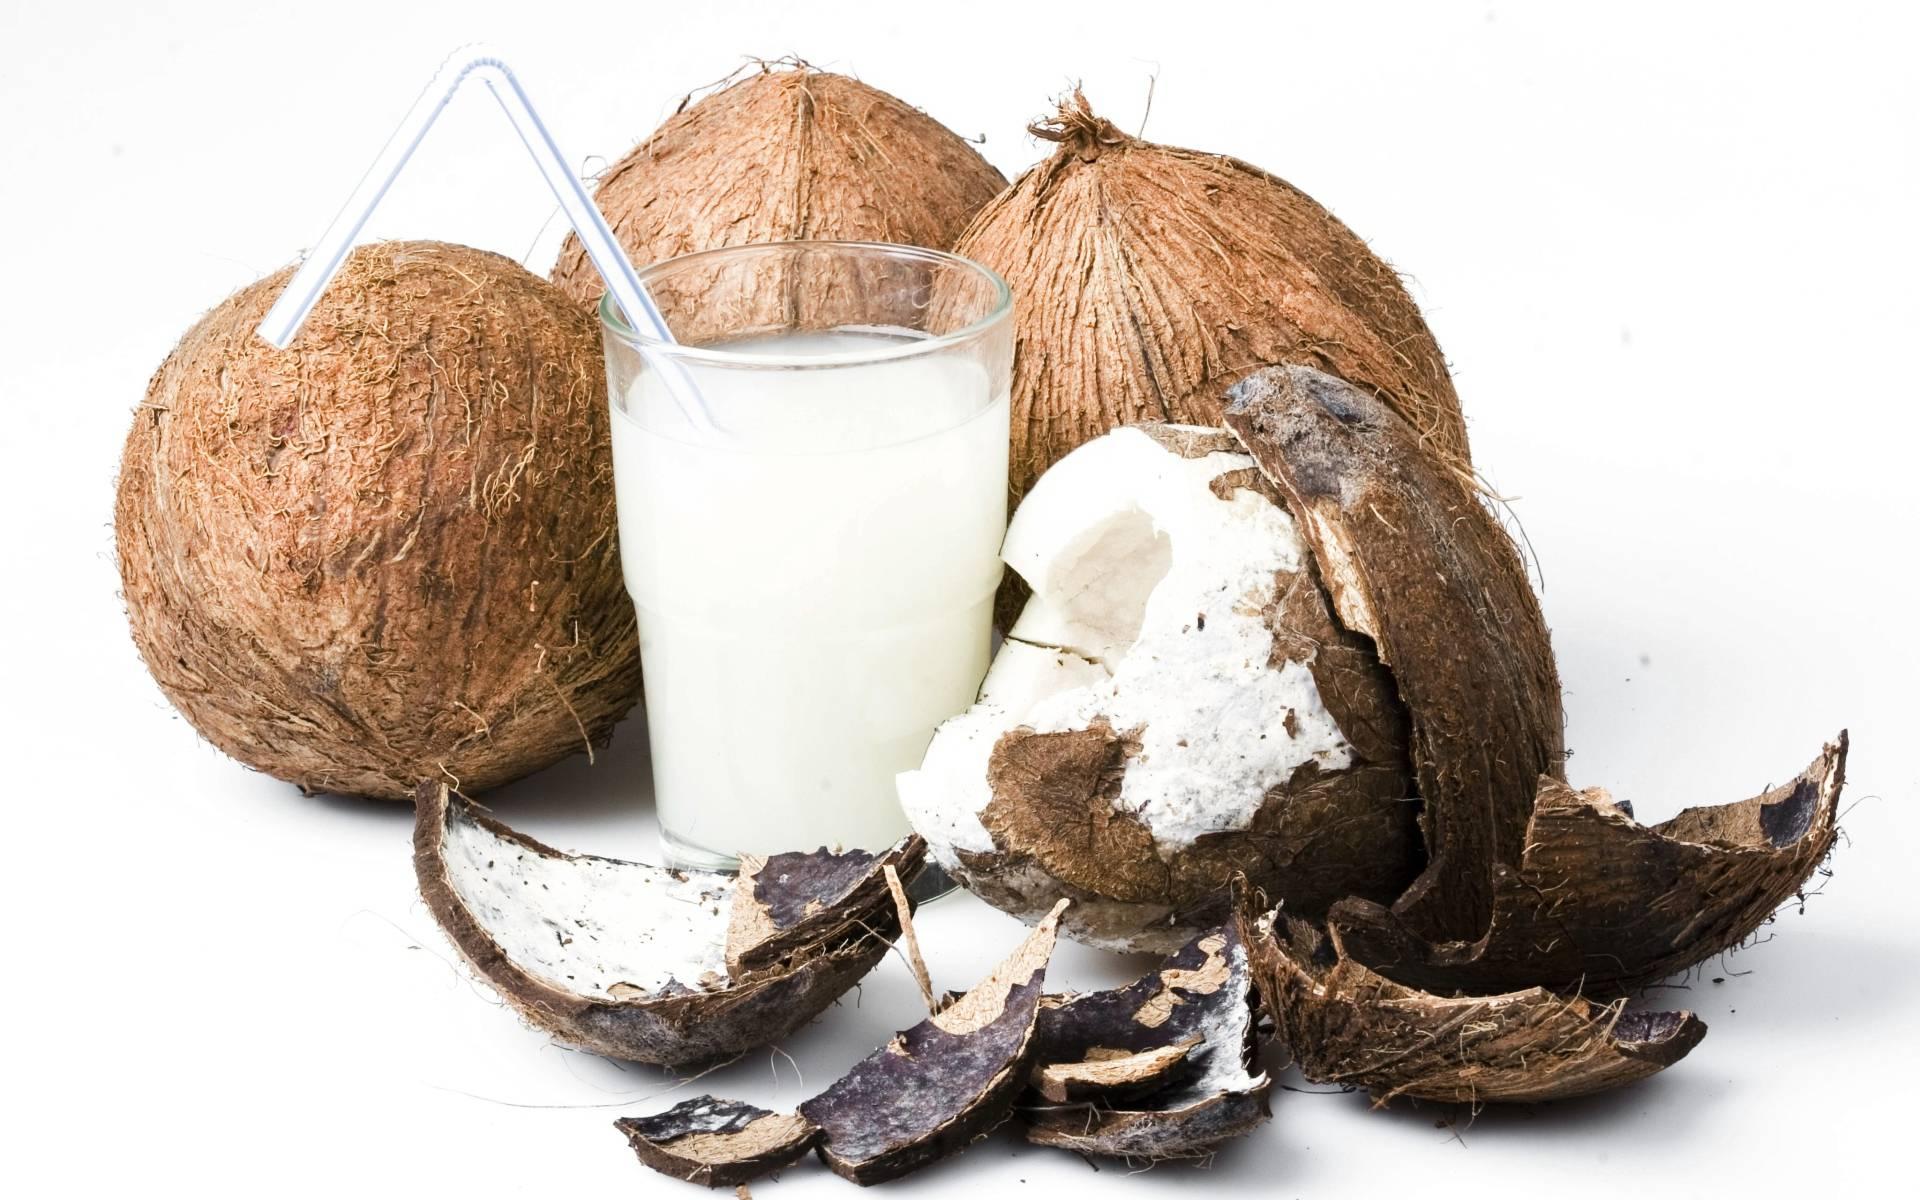 Как открыть кокос в домашних условиях правильно, быстро и легко, видео